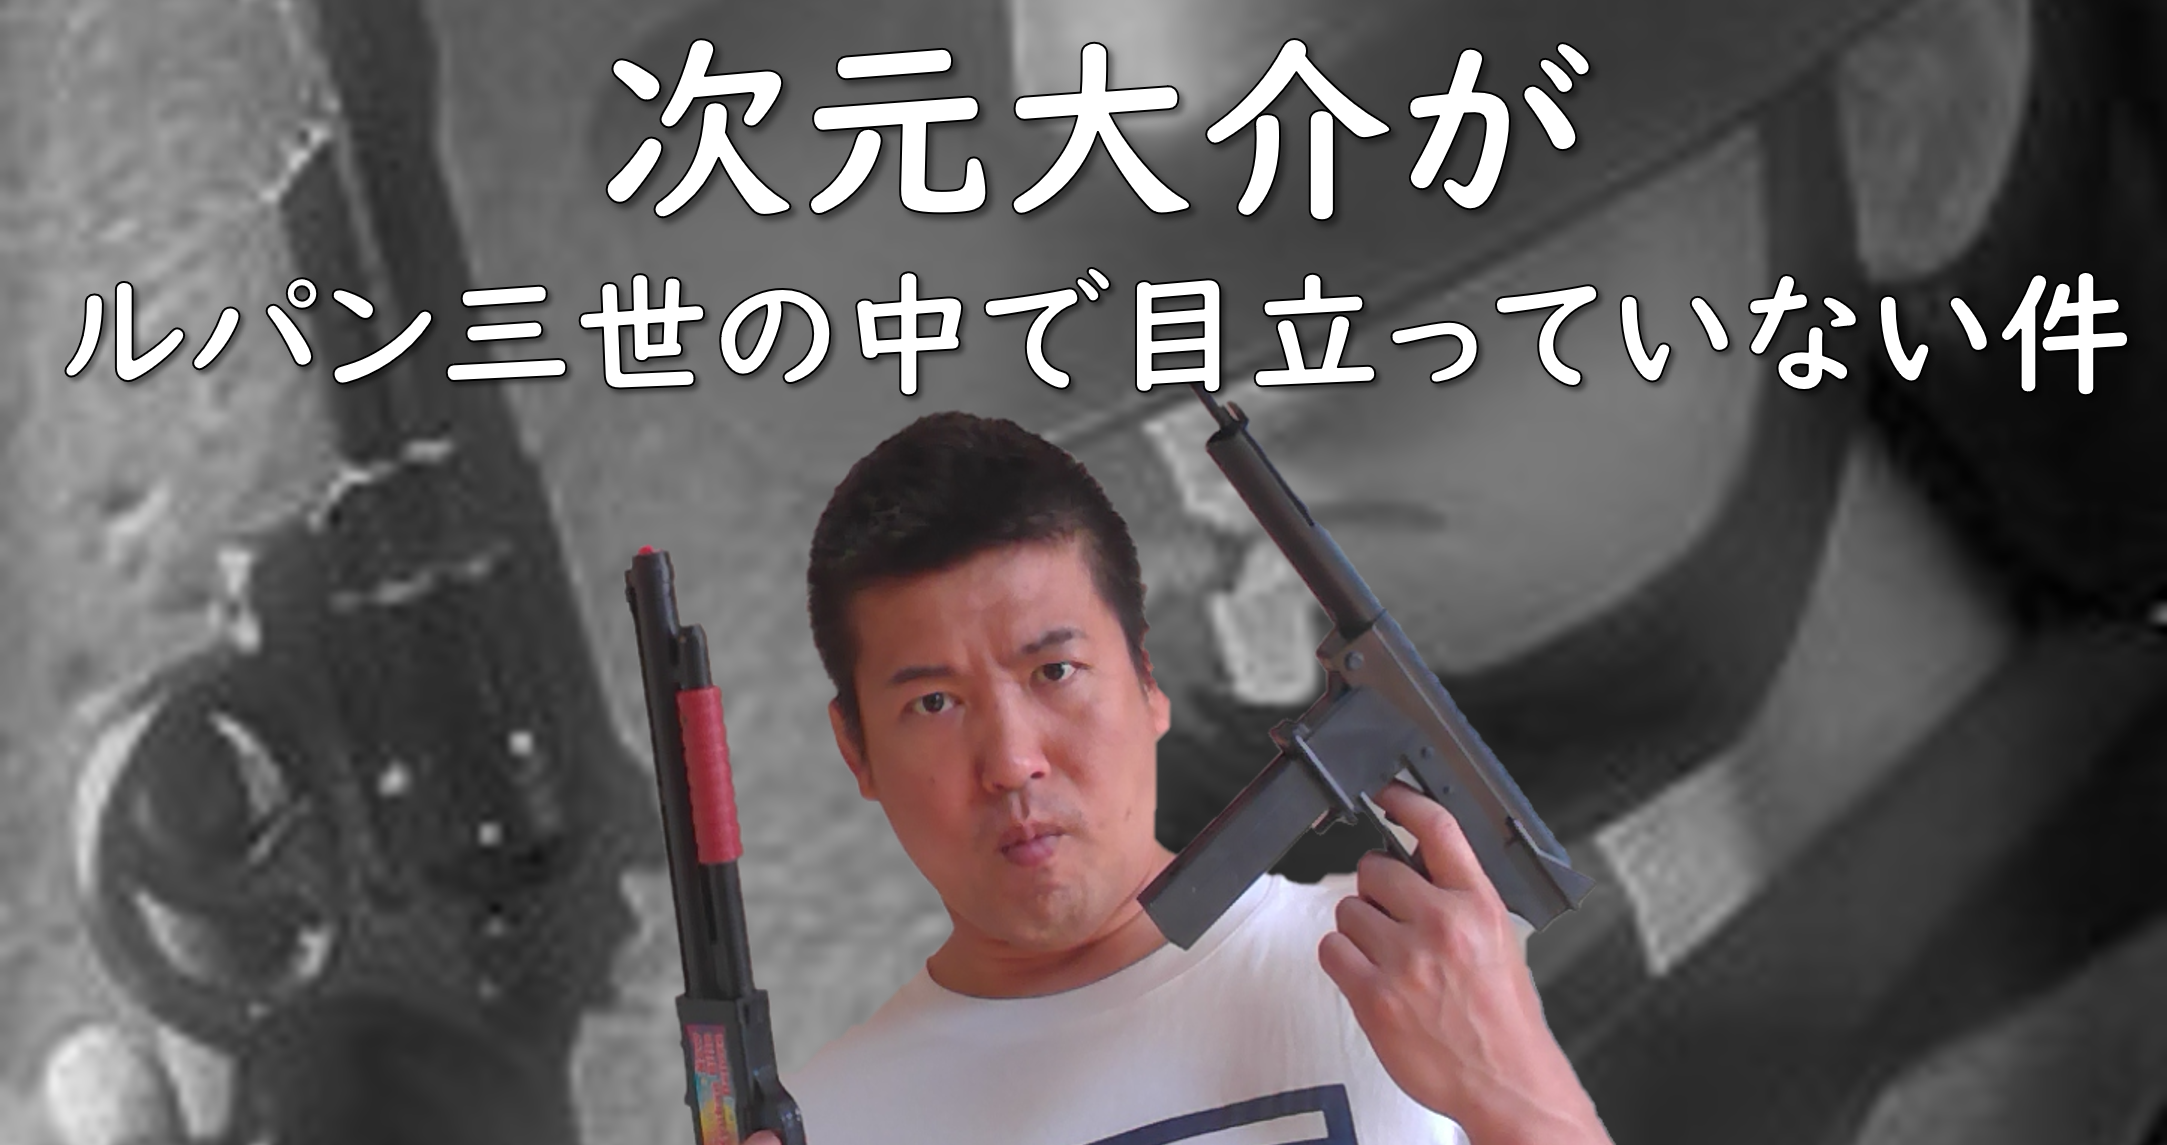 サムネ 次元大介の声優さん小林清史さん勇退